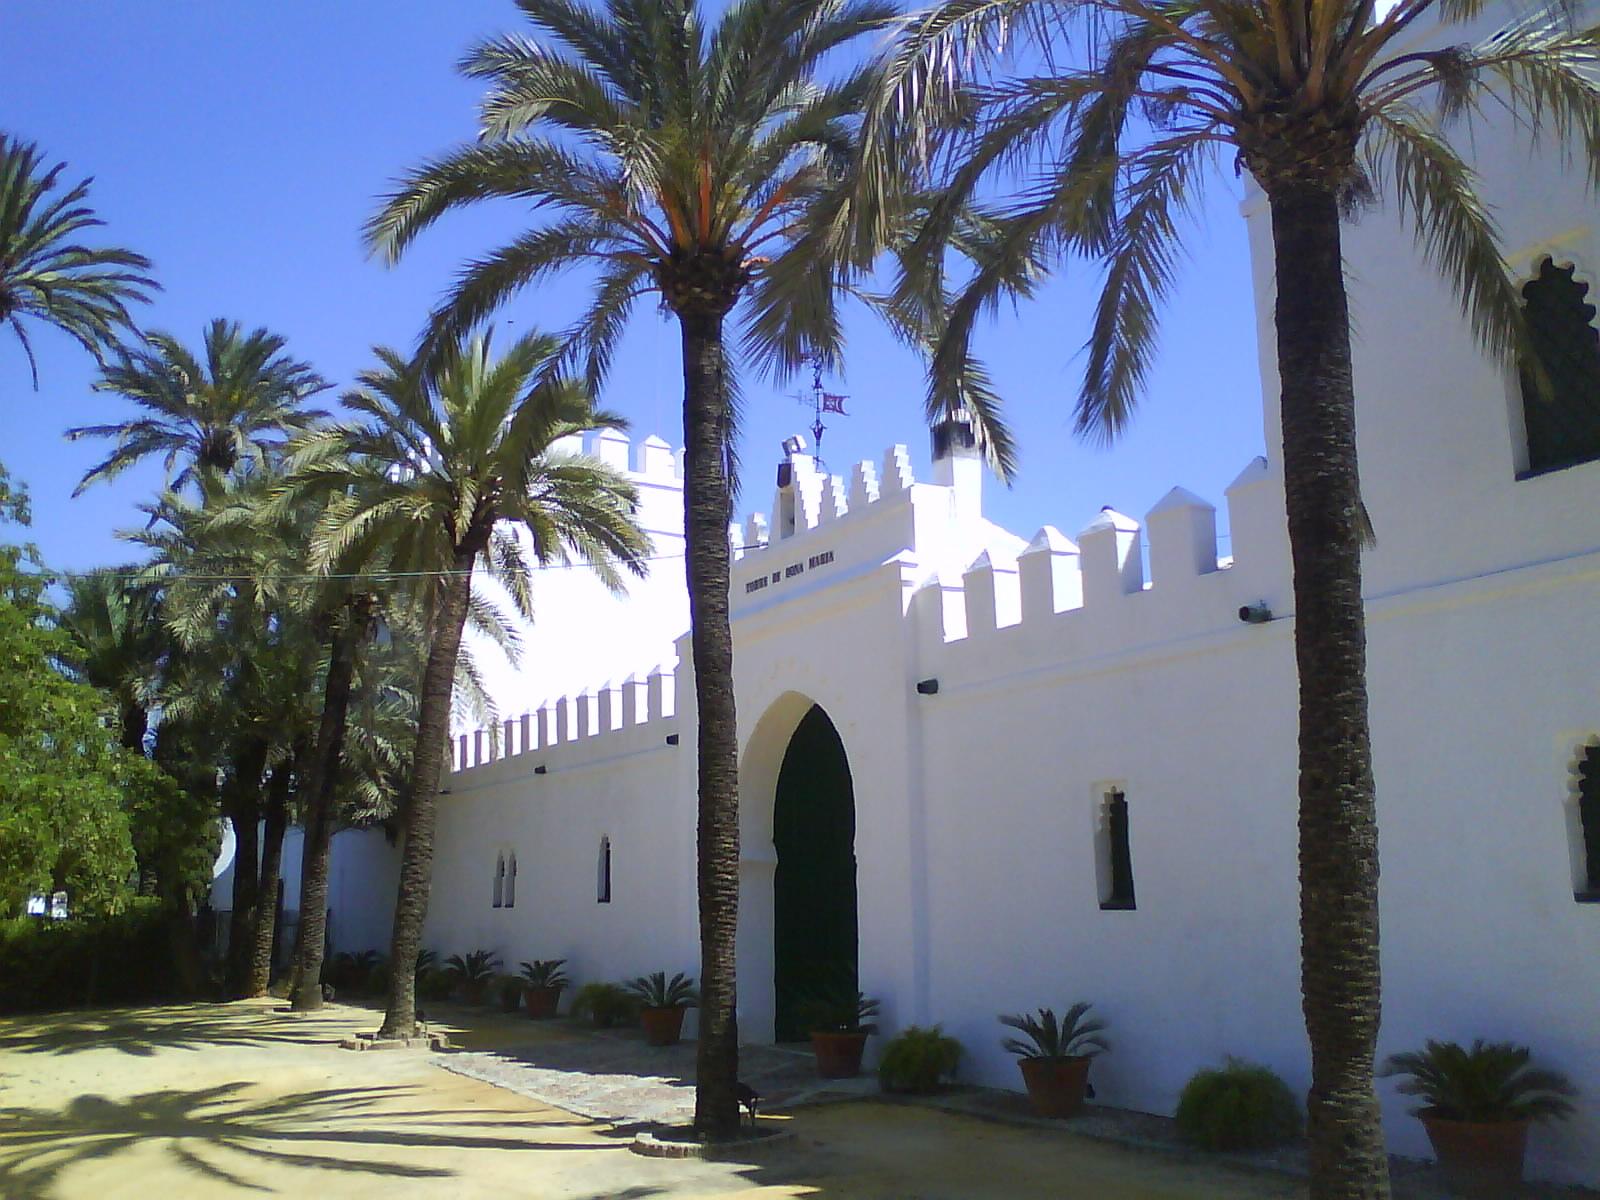 Blog ateneo andaluz conocer dos hermanas hacienda torre - Spa en dos hermanas ...